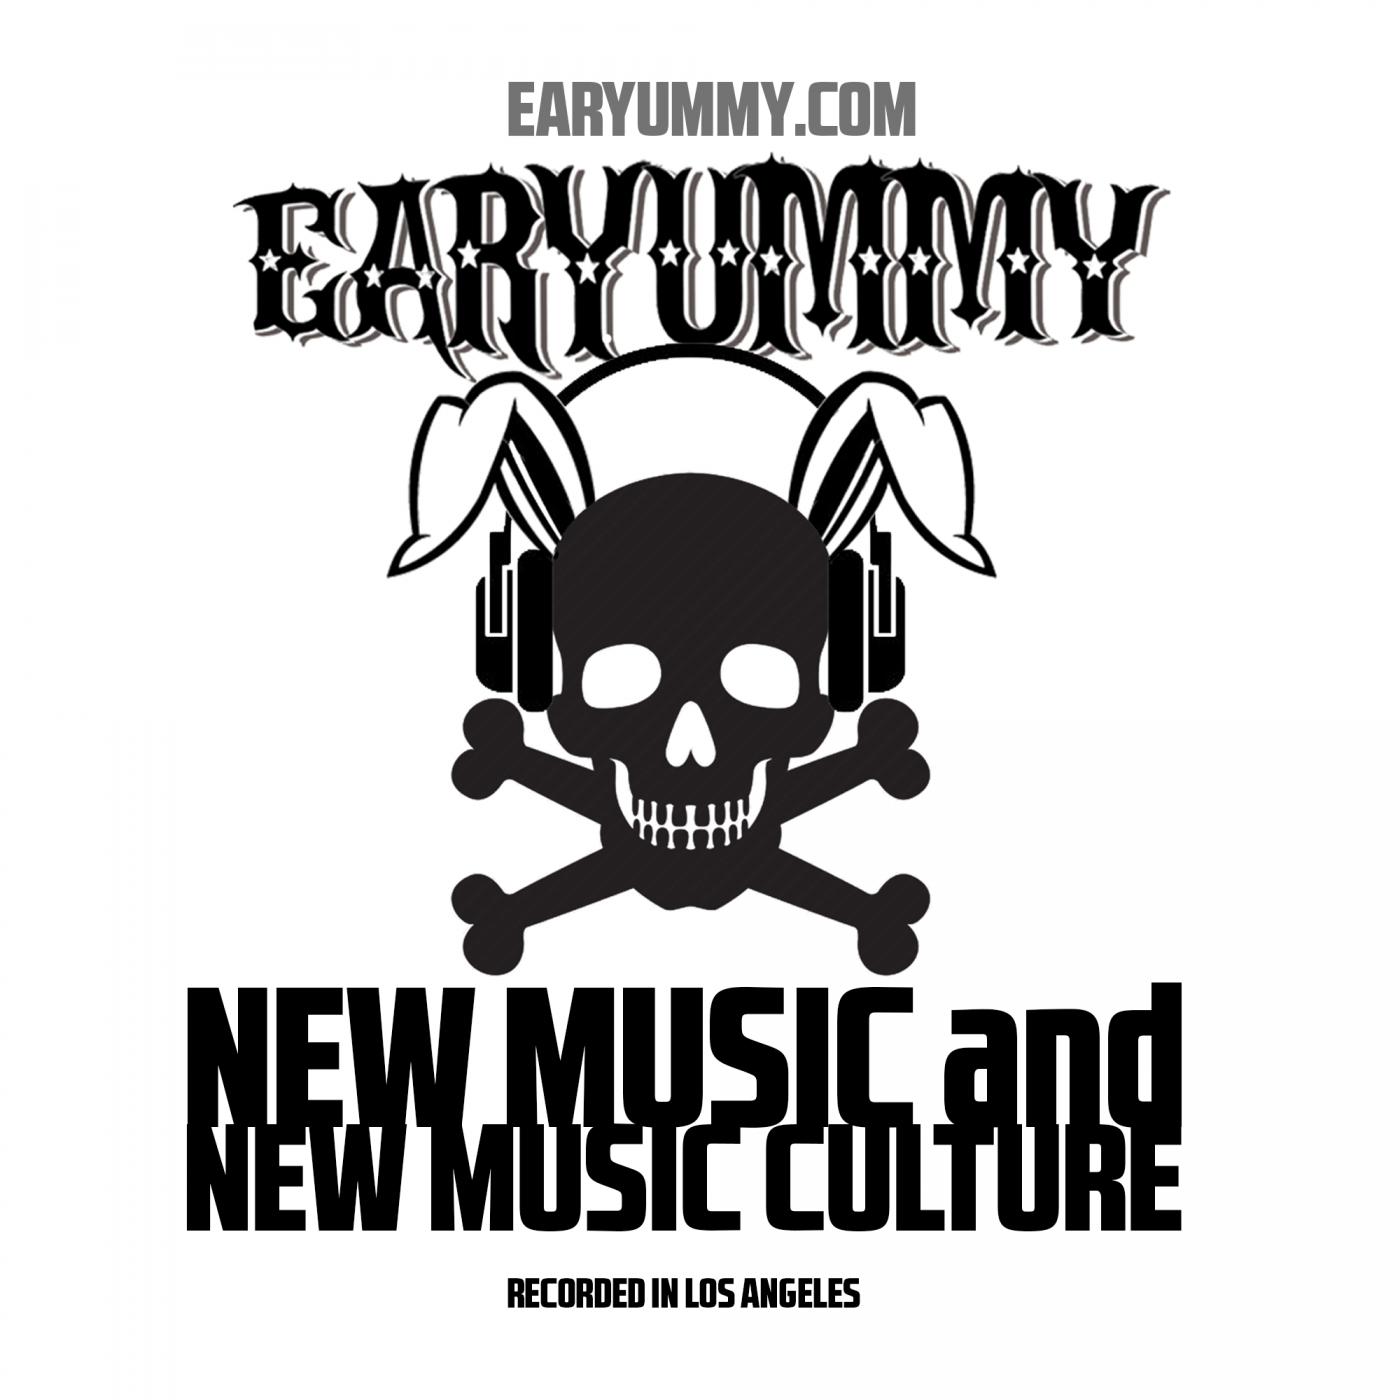 Earyummy